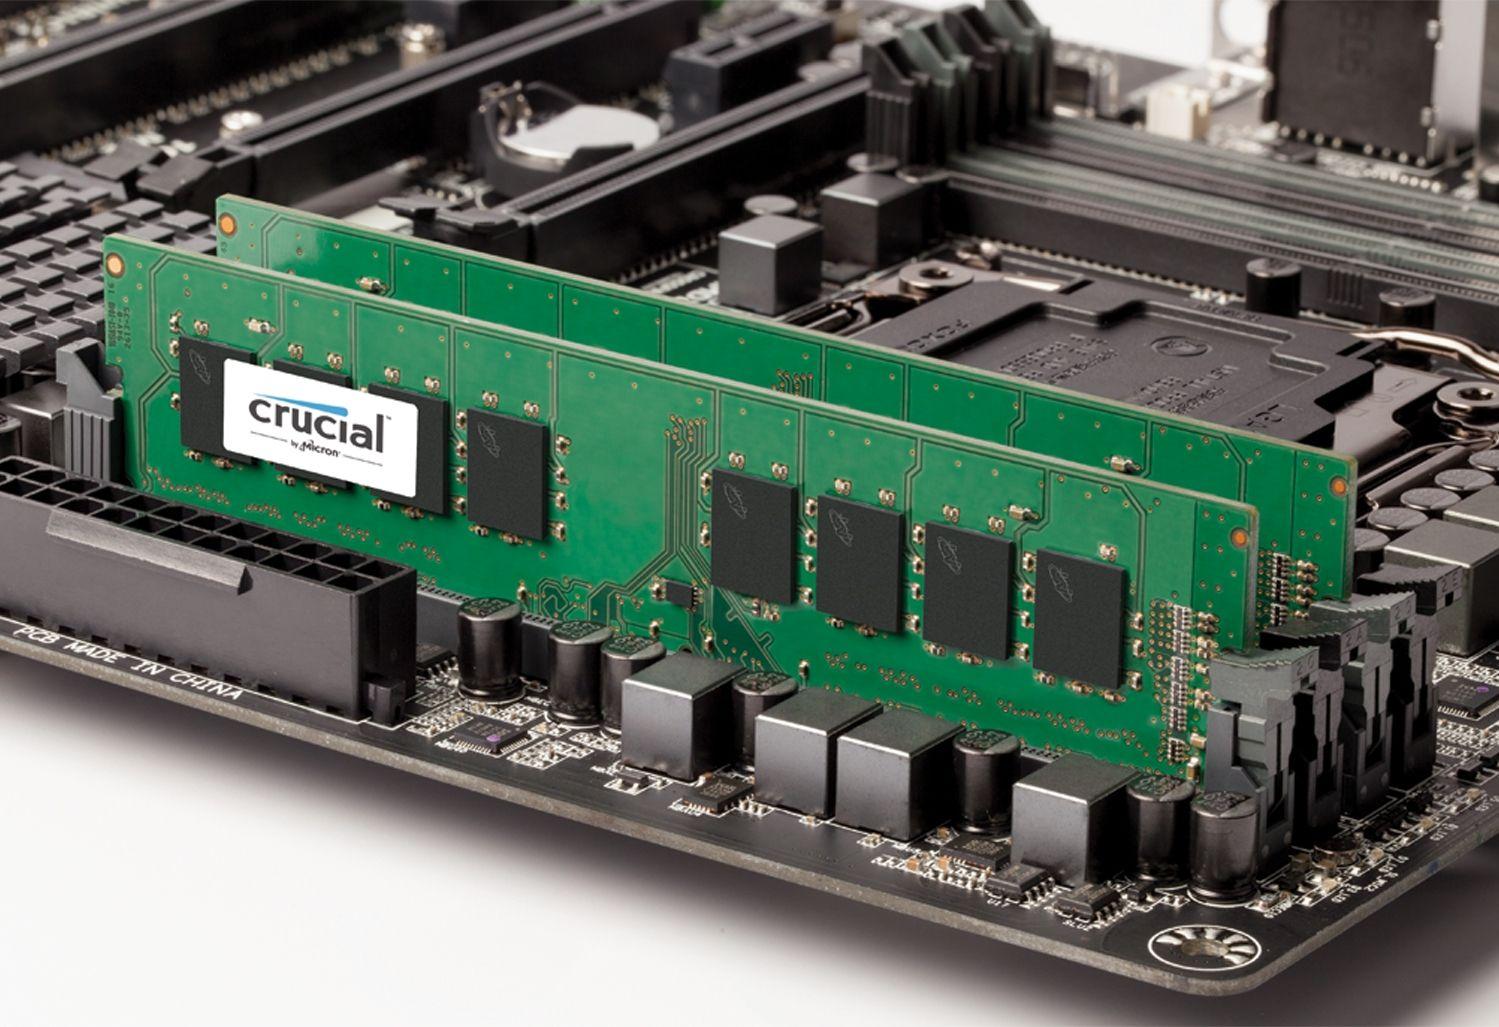 Dois módulos de memória RAM da Crucial instalados em uma placa-mãe